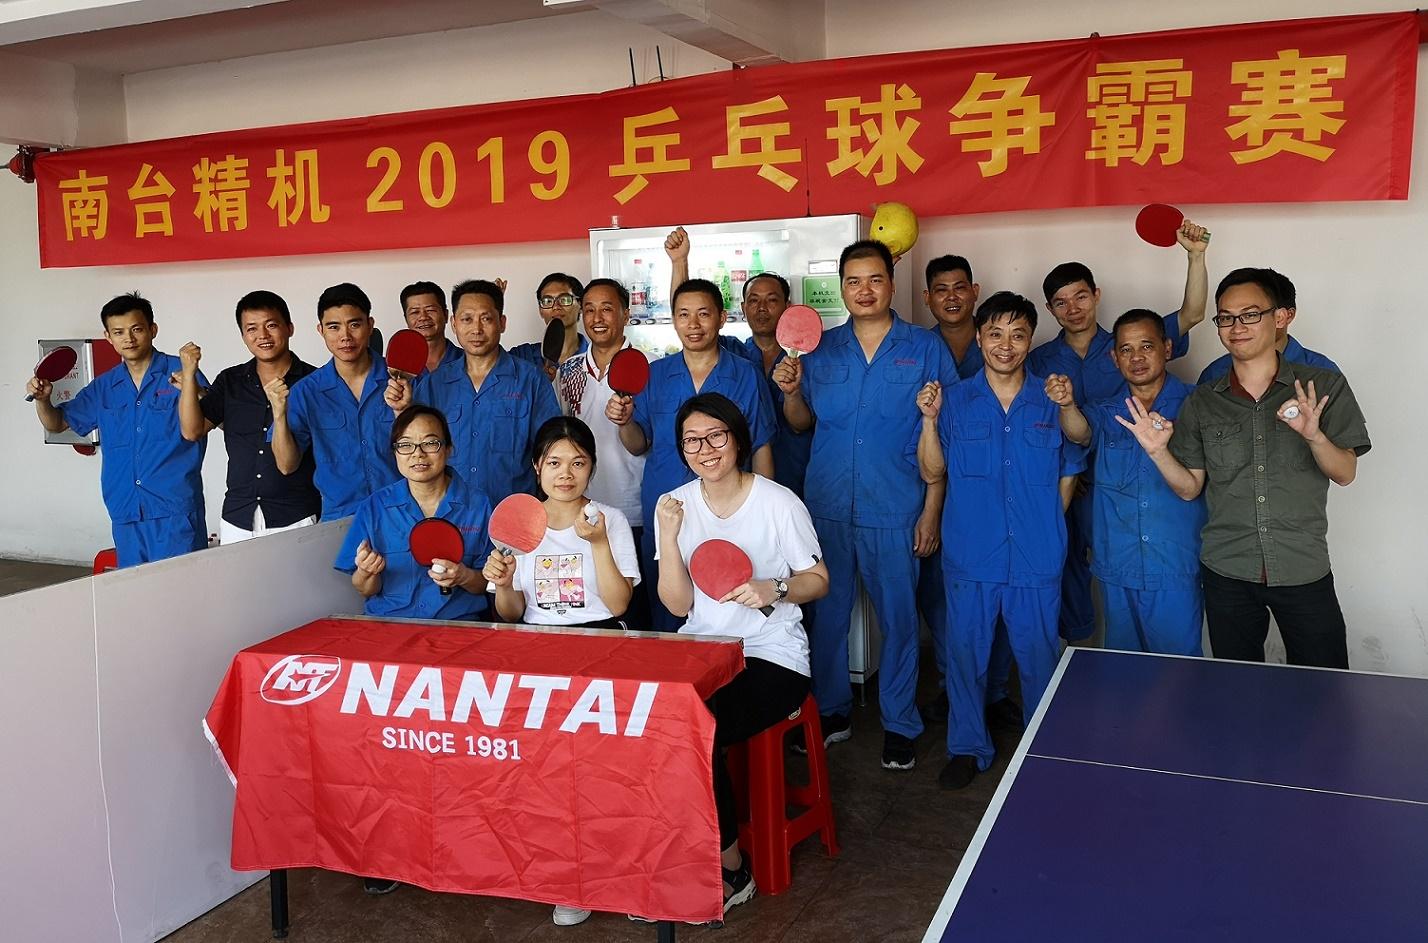 南台2019乒乓球争霸赛